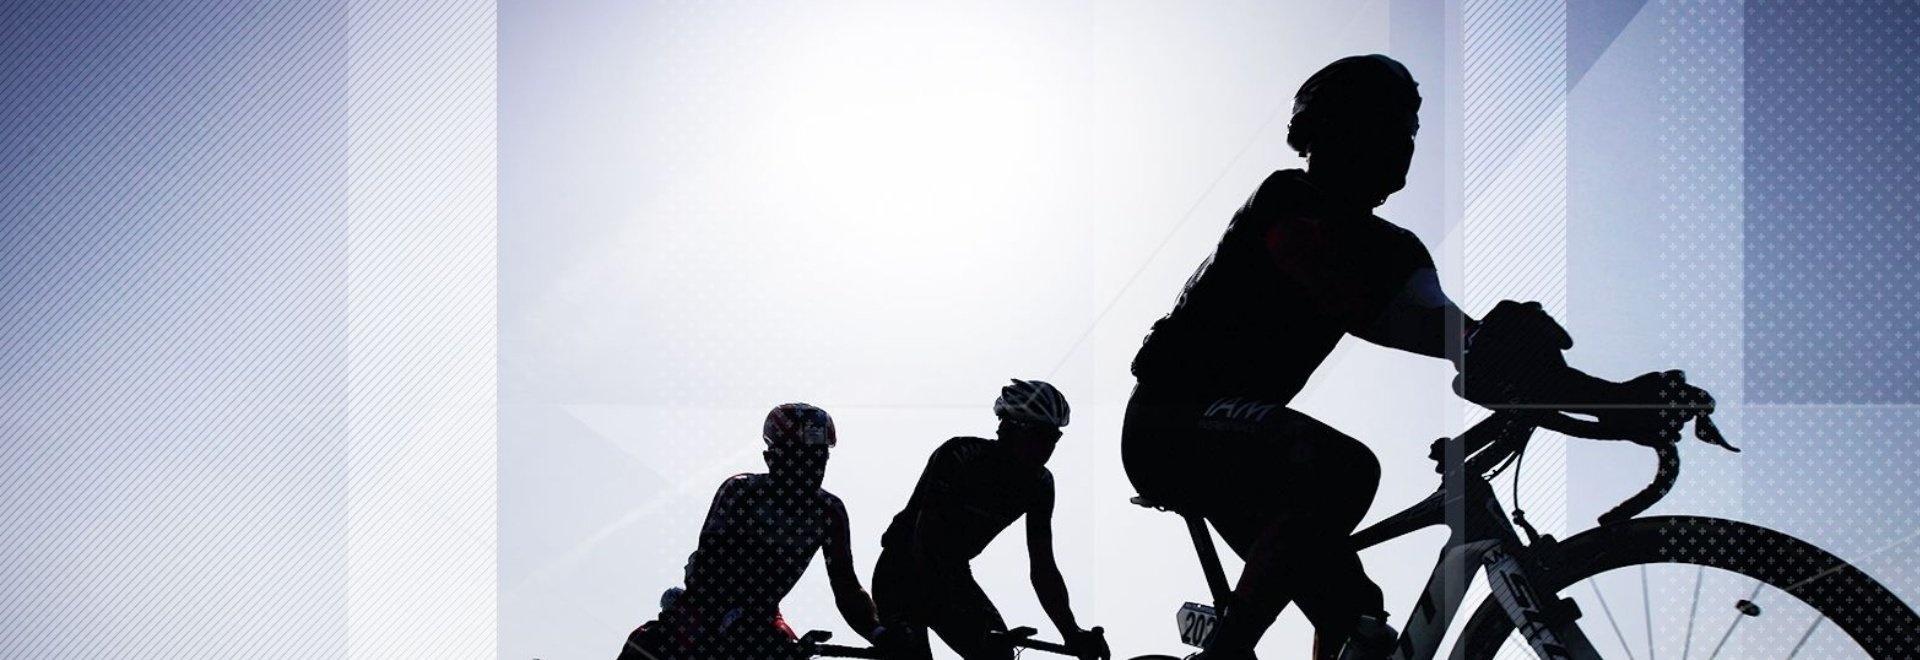 Parigi - Roubaix 2018